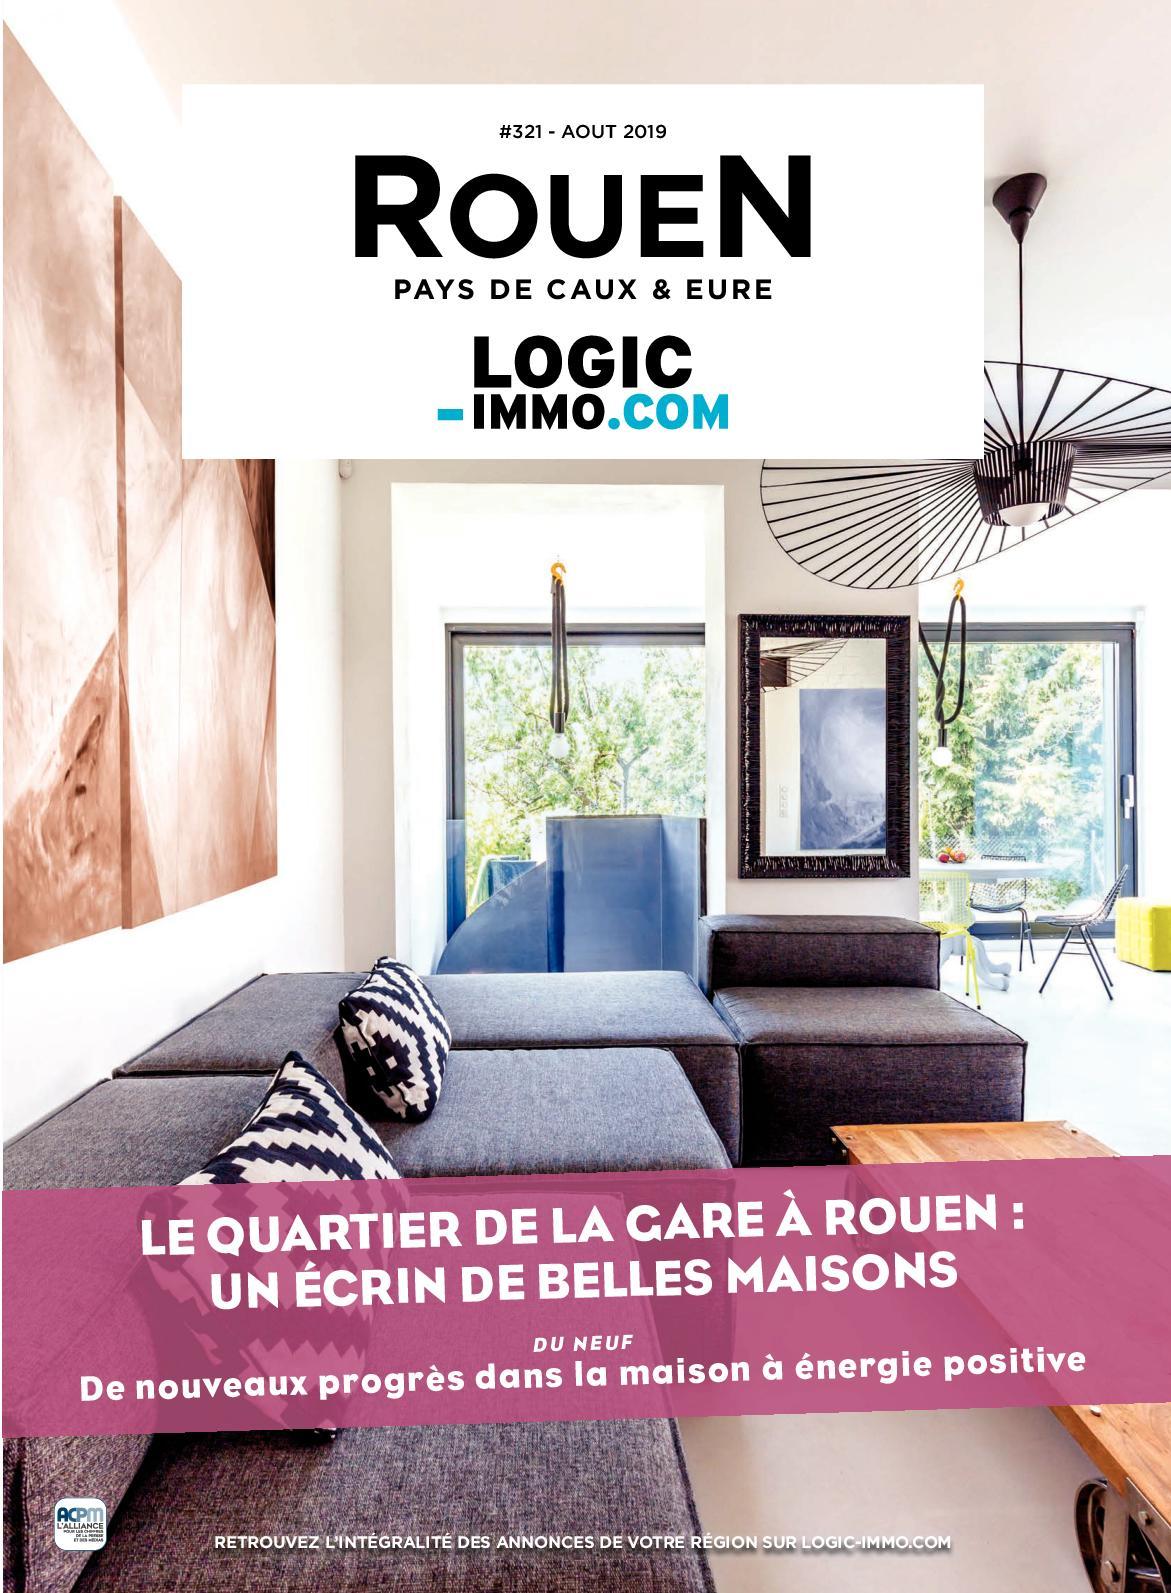 Calaméo Logic Immo Rouen Pays De Caux Eure 321